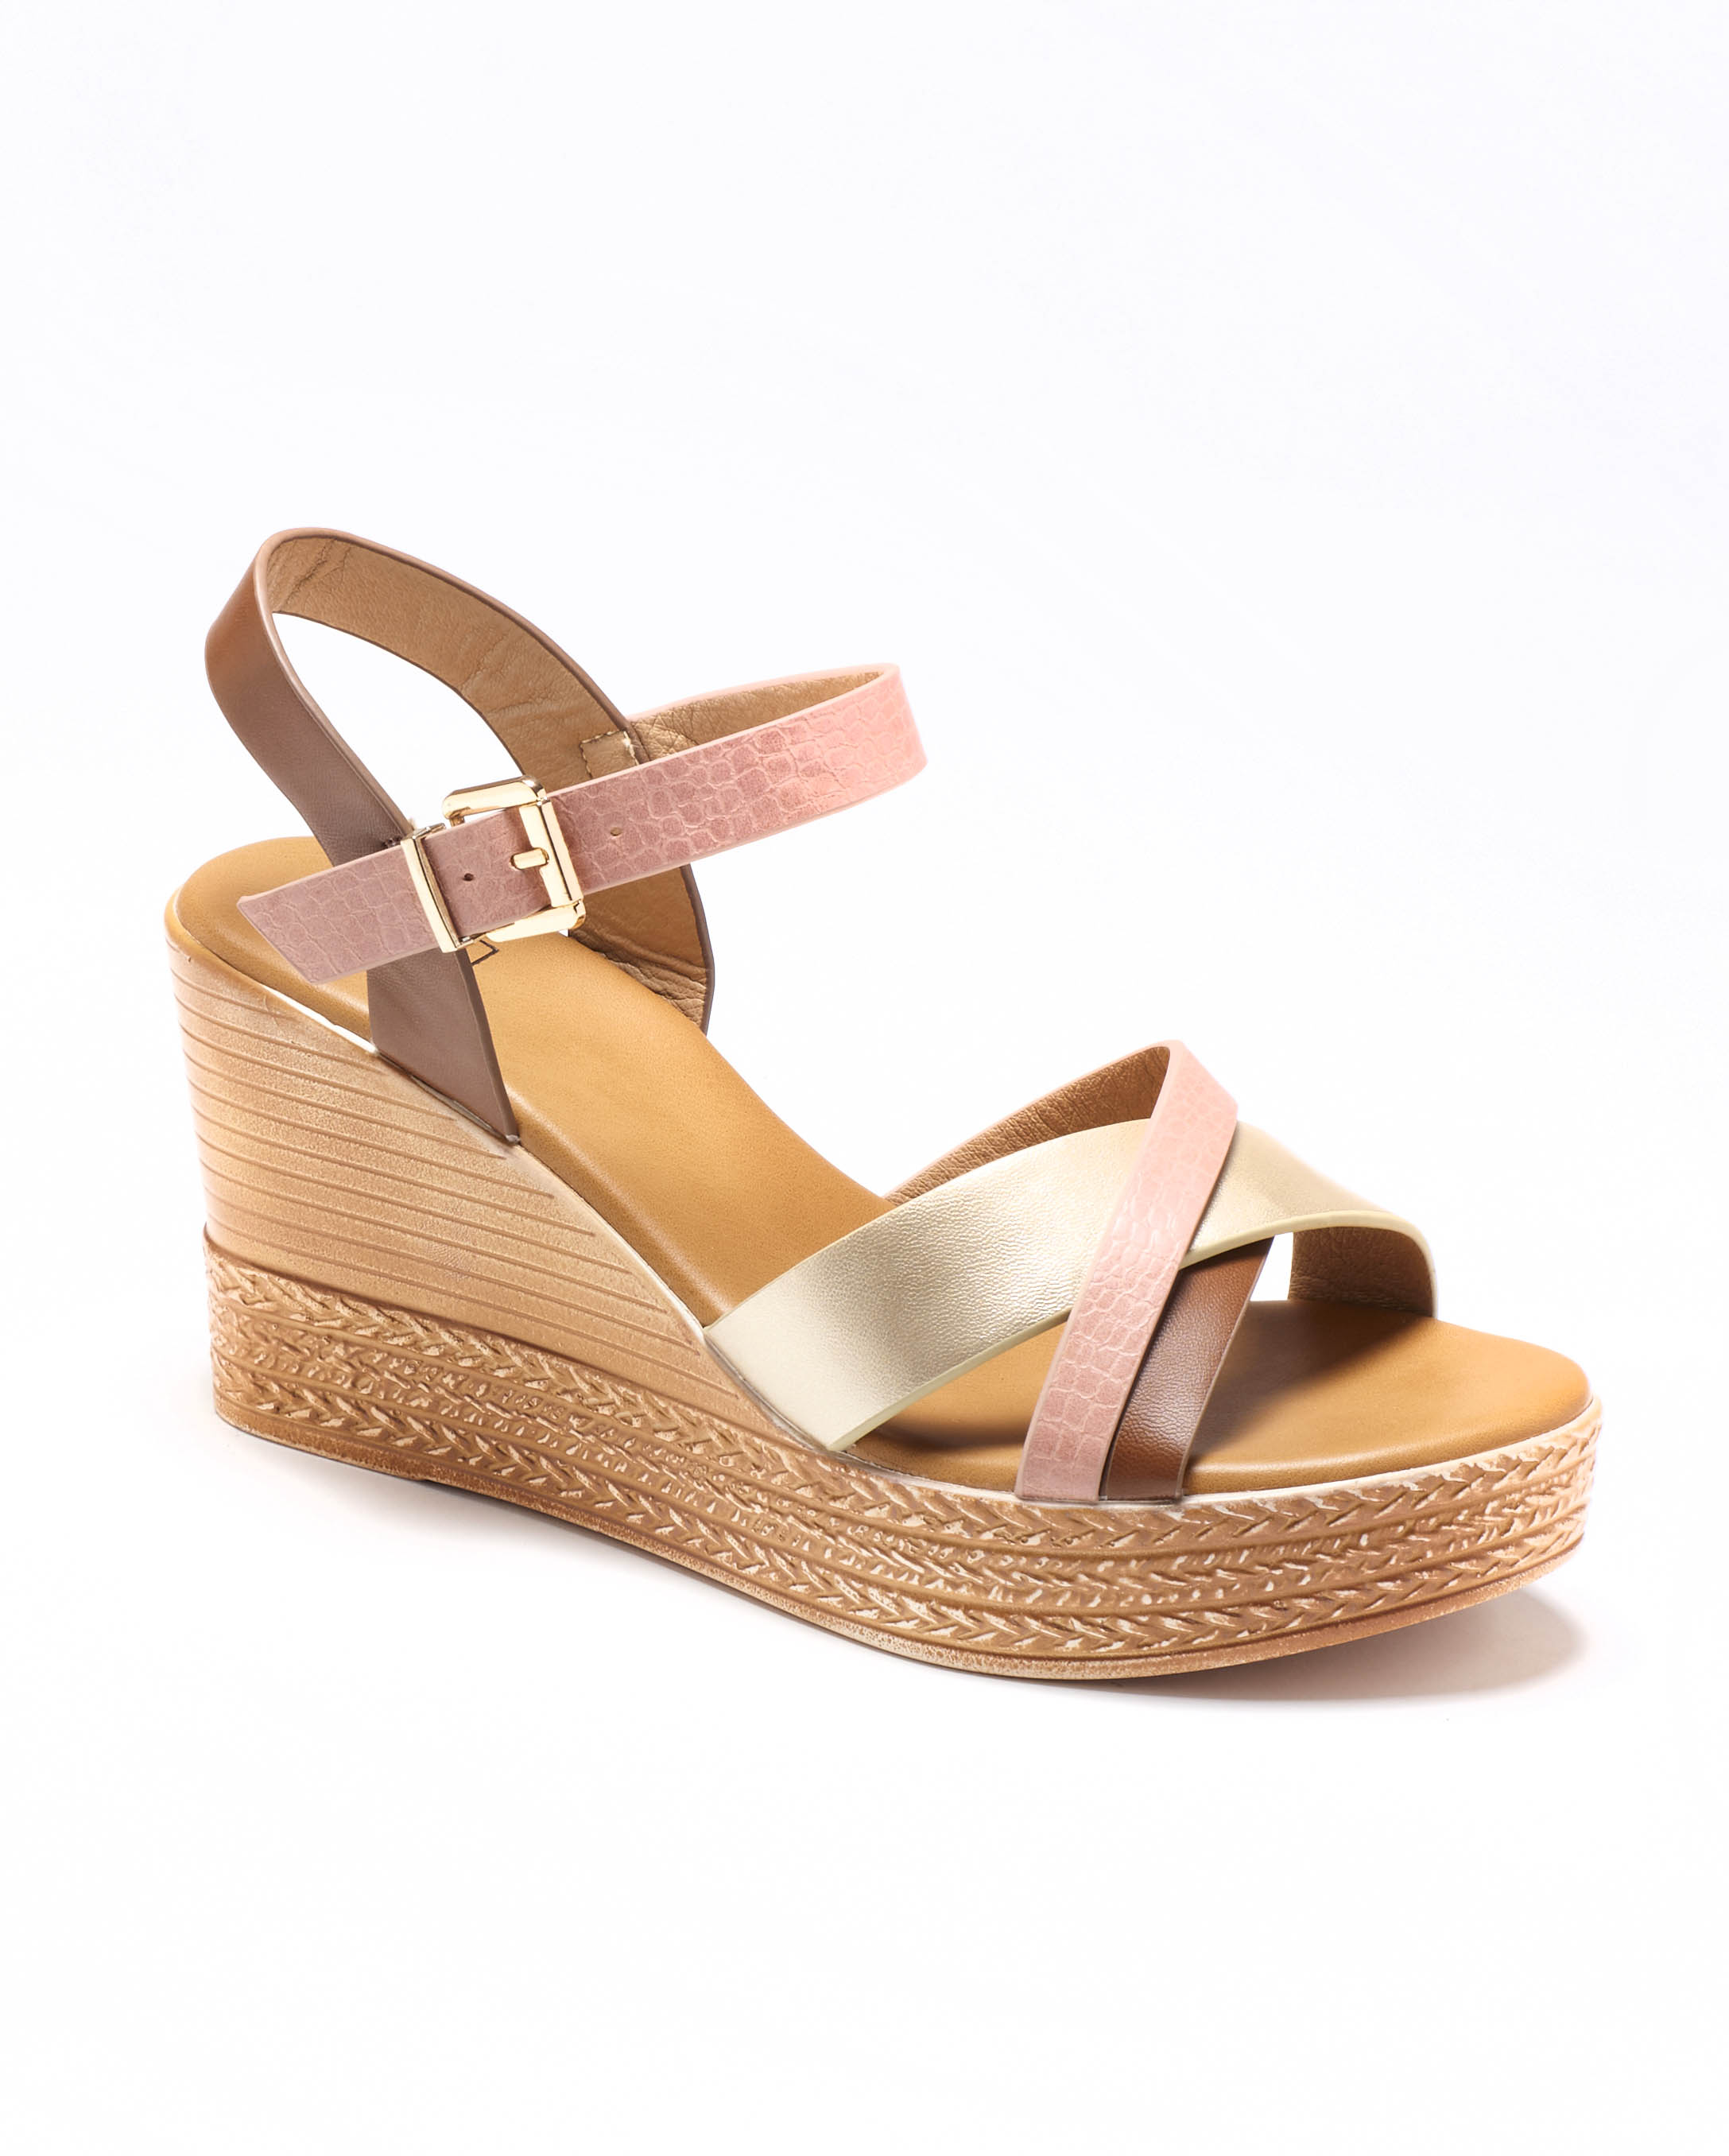 Sandales Compensées Femme - Sandale Talon Compensee Camel Jina - Ksl031